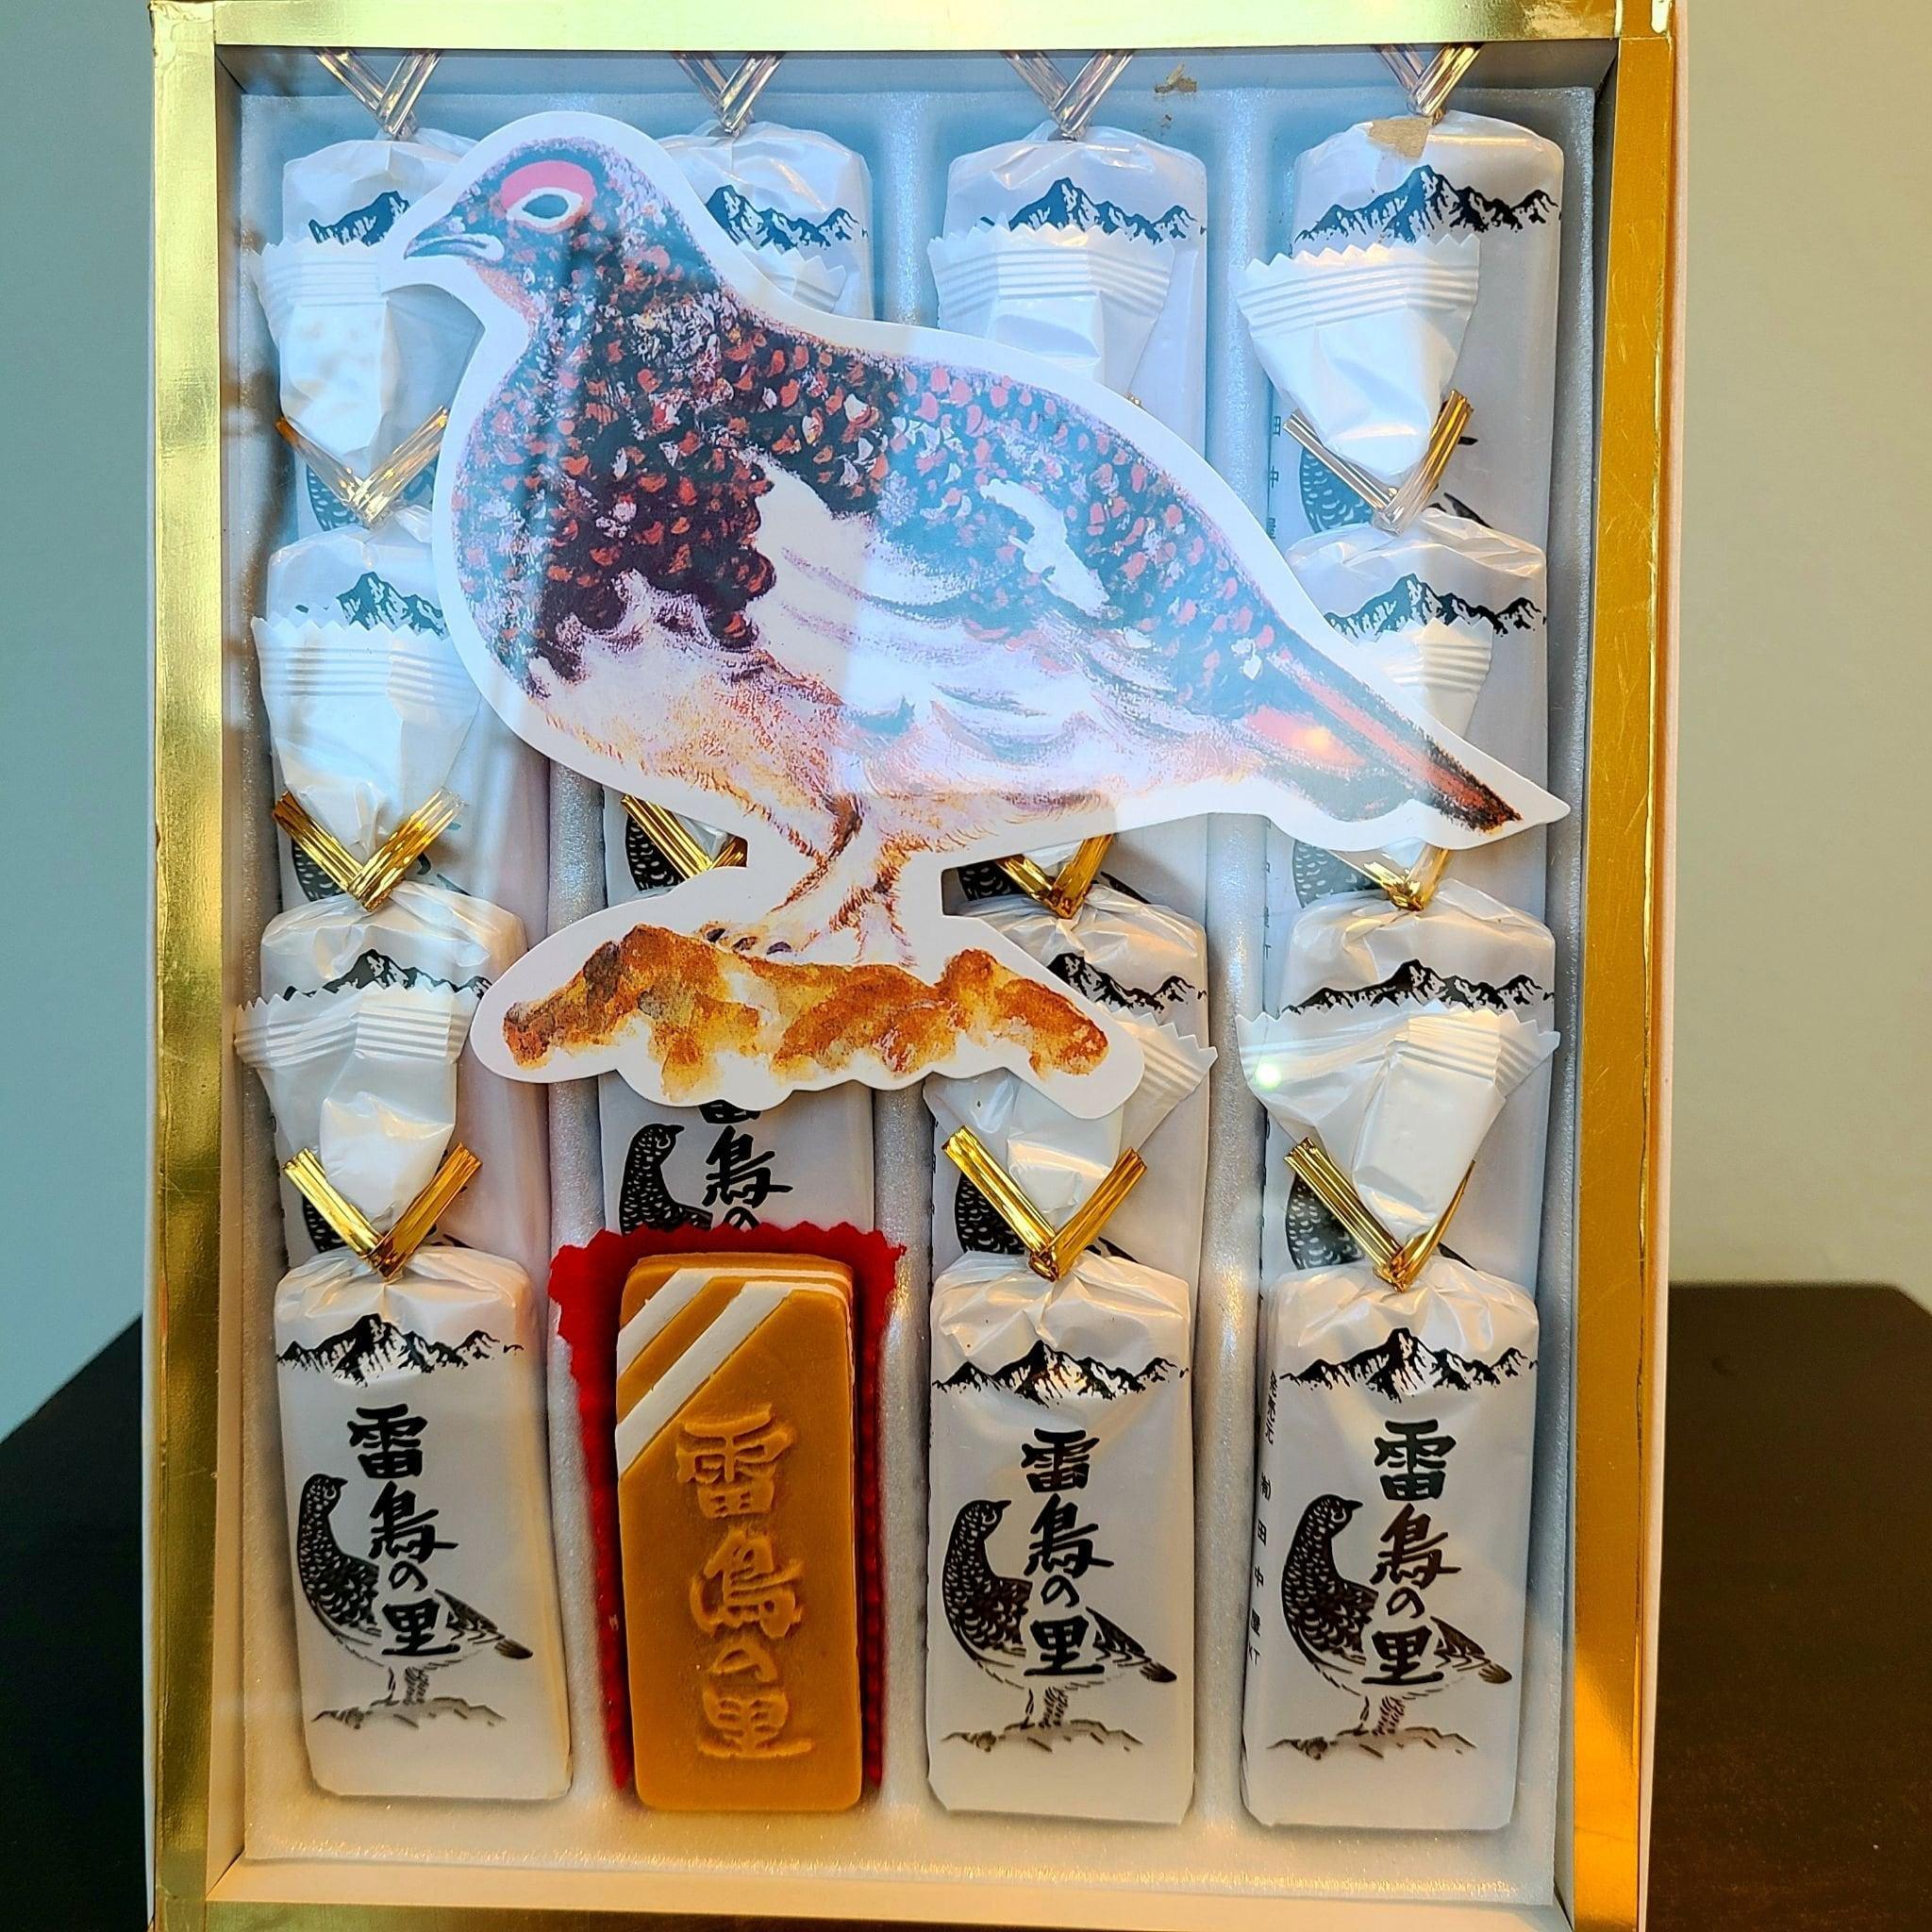 【うなぎ会専用商品】欧風焼き菓子 雷鳥の里 16個入 | 信州みやげの定番!のイメージその2